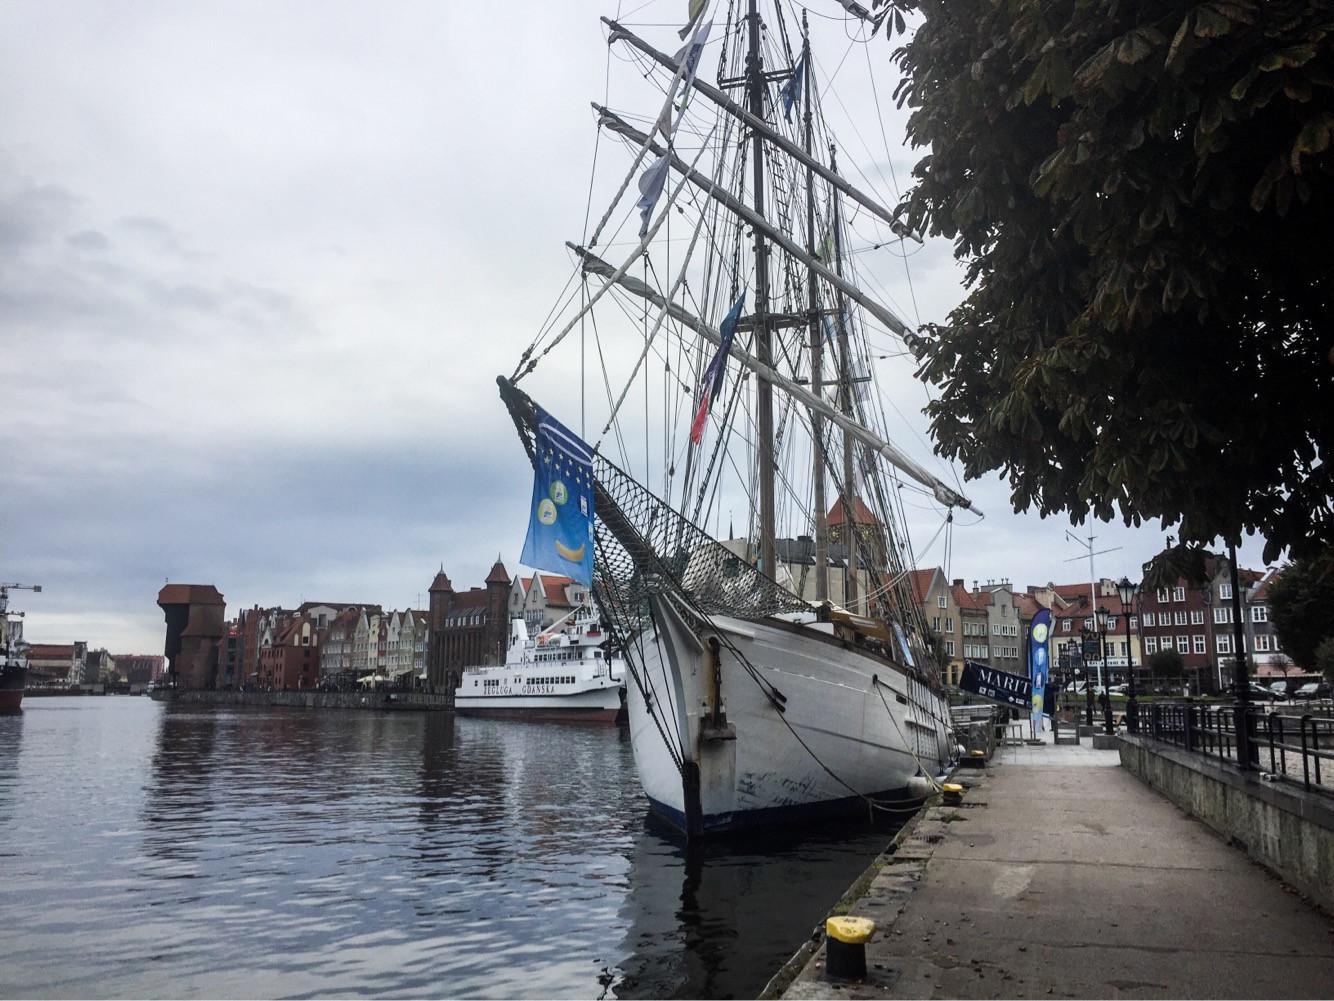 Почти столетний французский парусник пришвартовался в Гданьске. Бесплатное посещение с пятницы до вторника